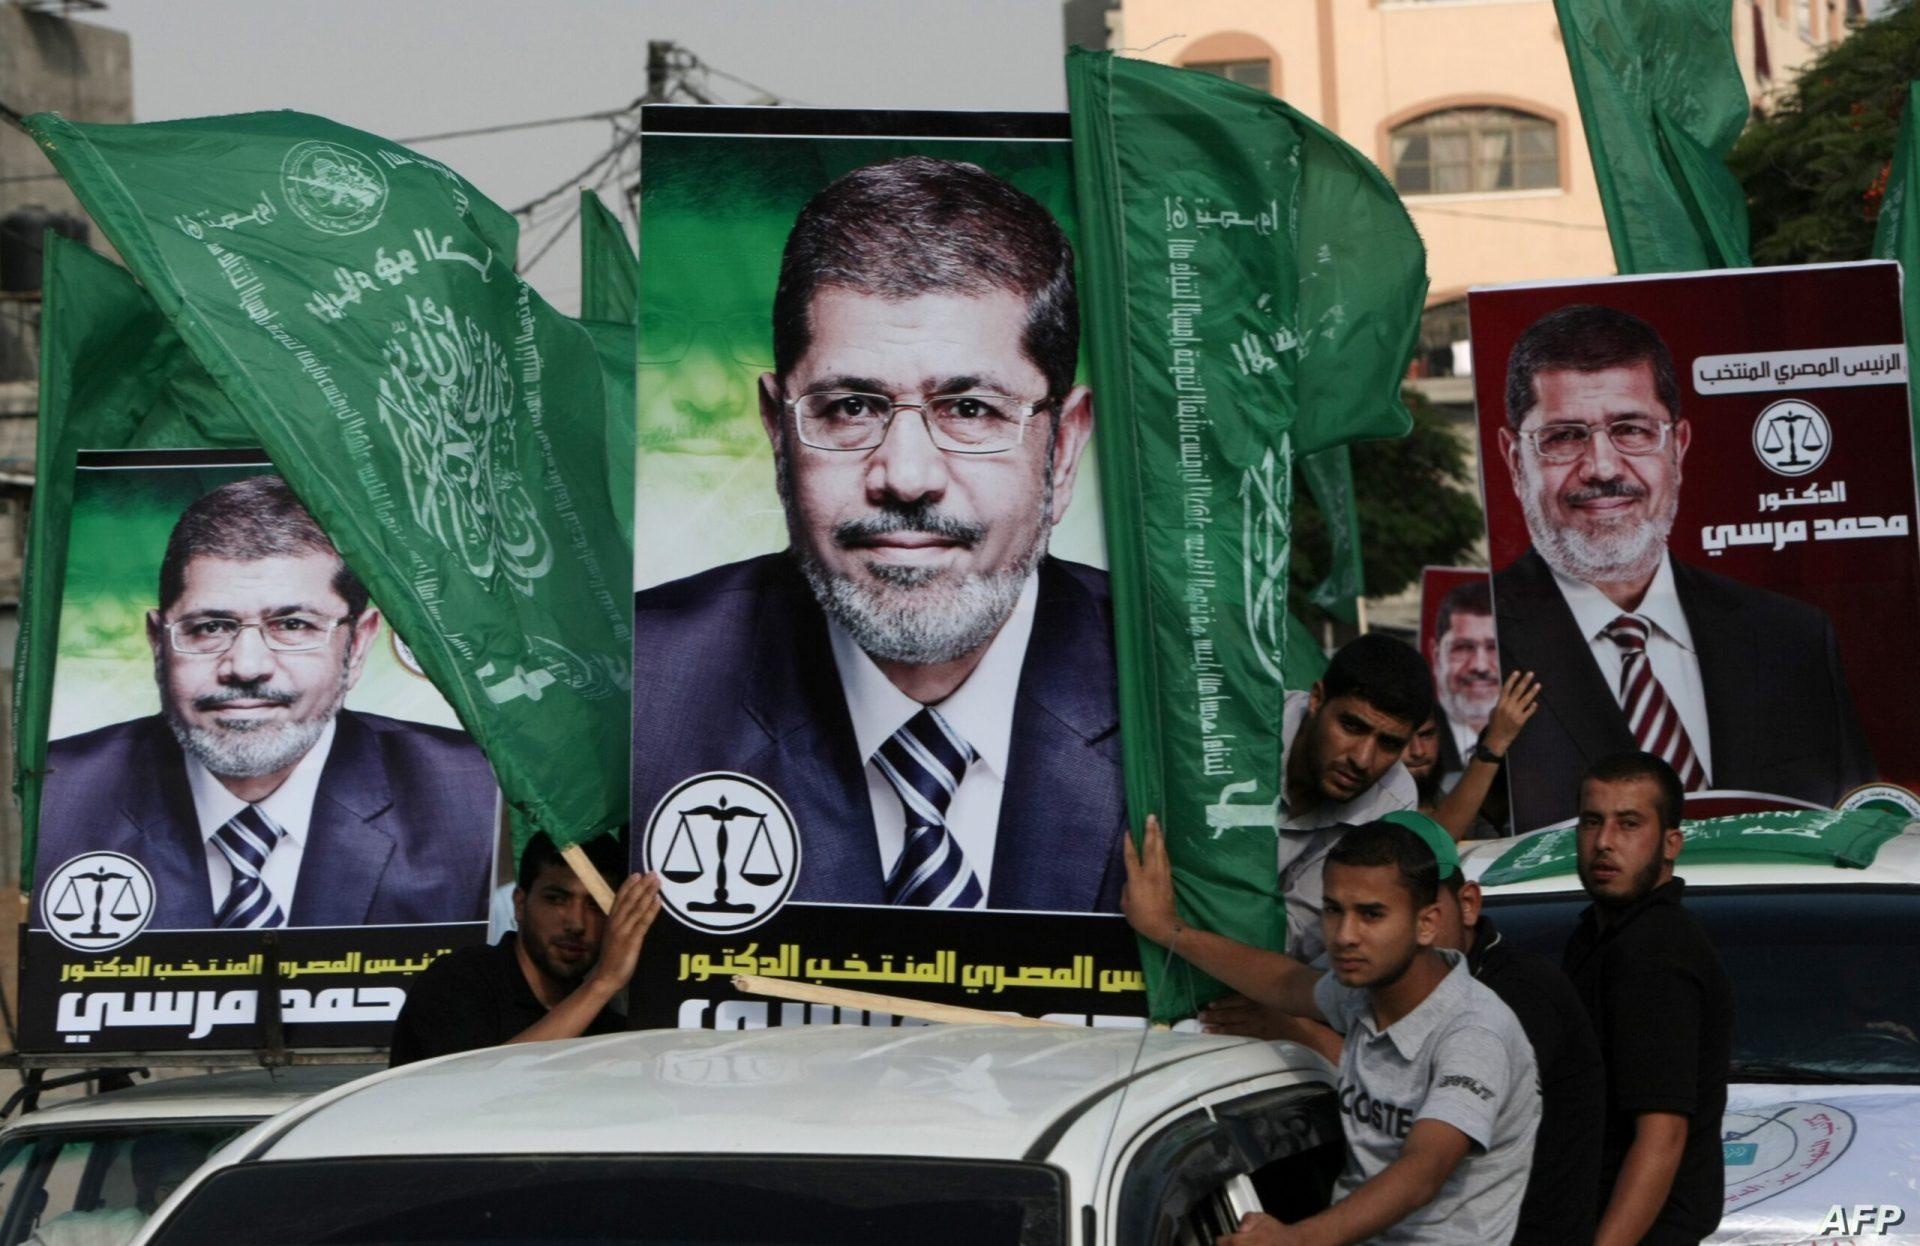 محمد مرسي هو من ساعد (حماس) في تكوين ترسانة الأسلحة الضخمة التي تقصف بها إسرائيل